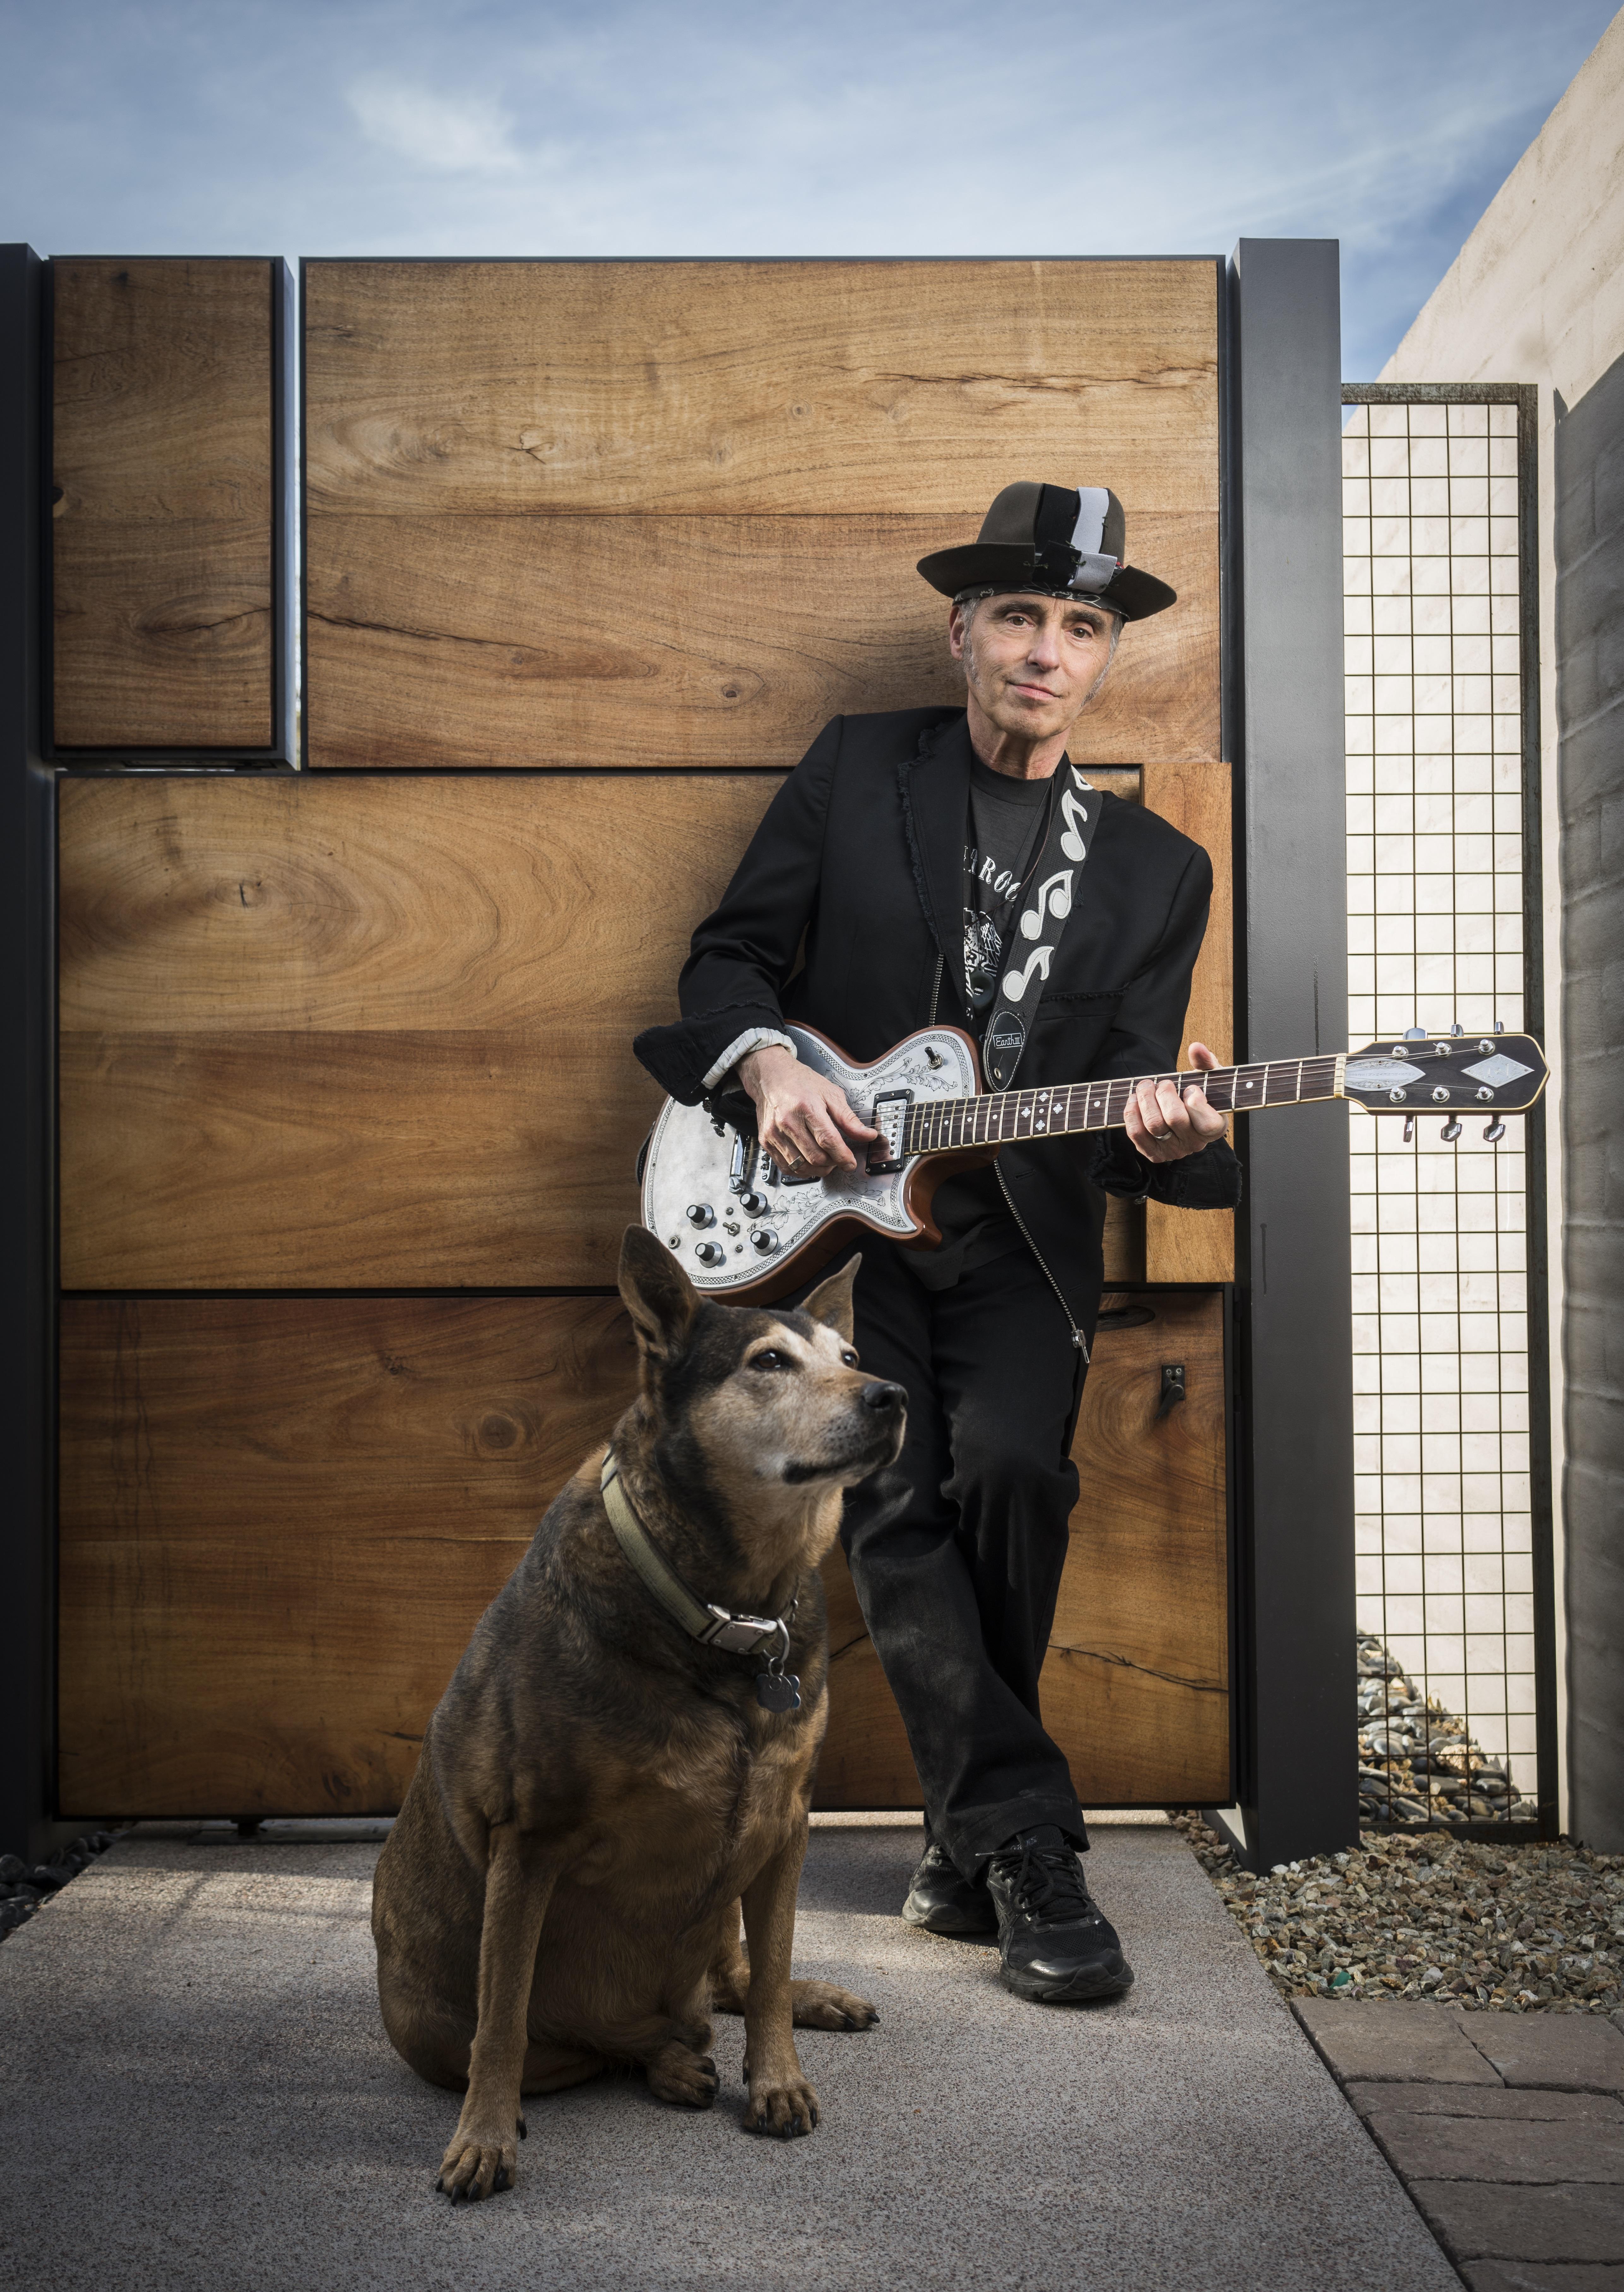 2019 Nils Lofgren Band Tour PHOTO 2 by Carl Schultz (1)